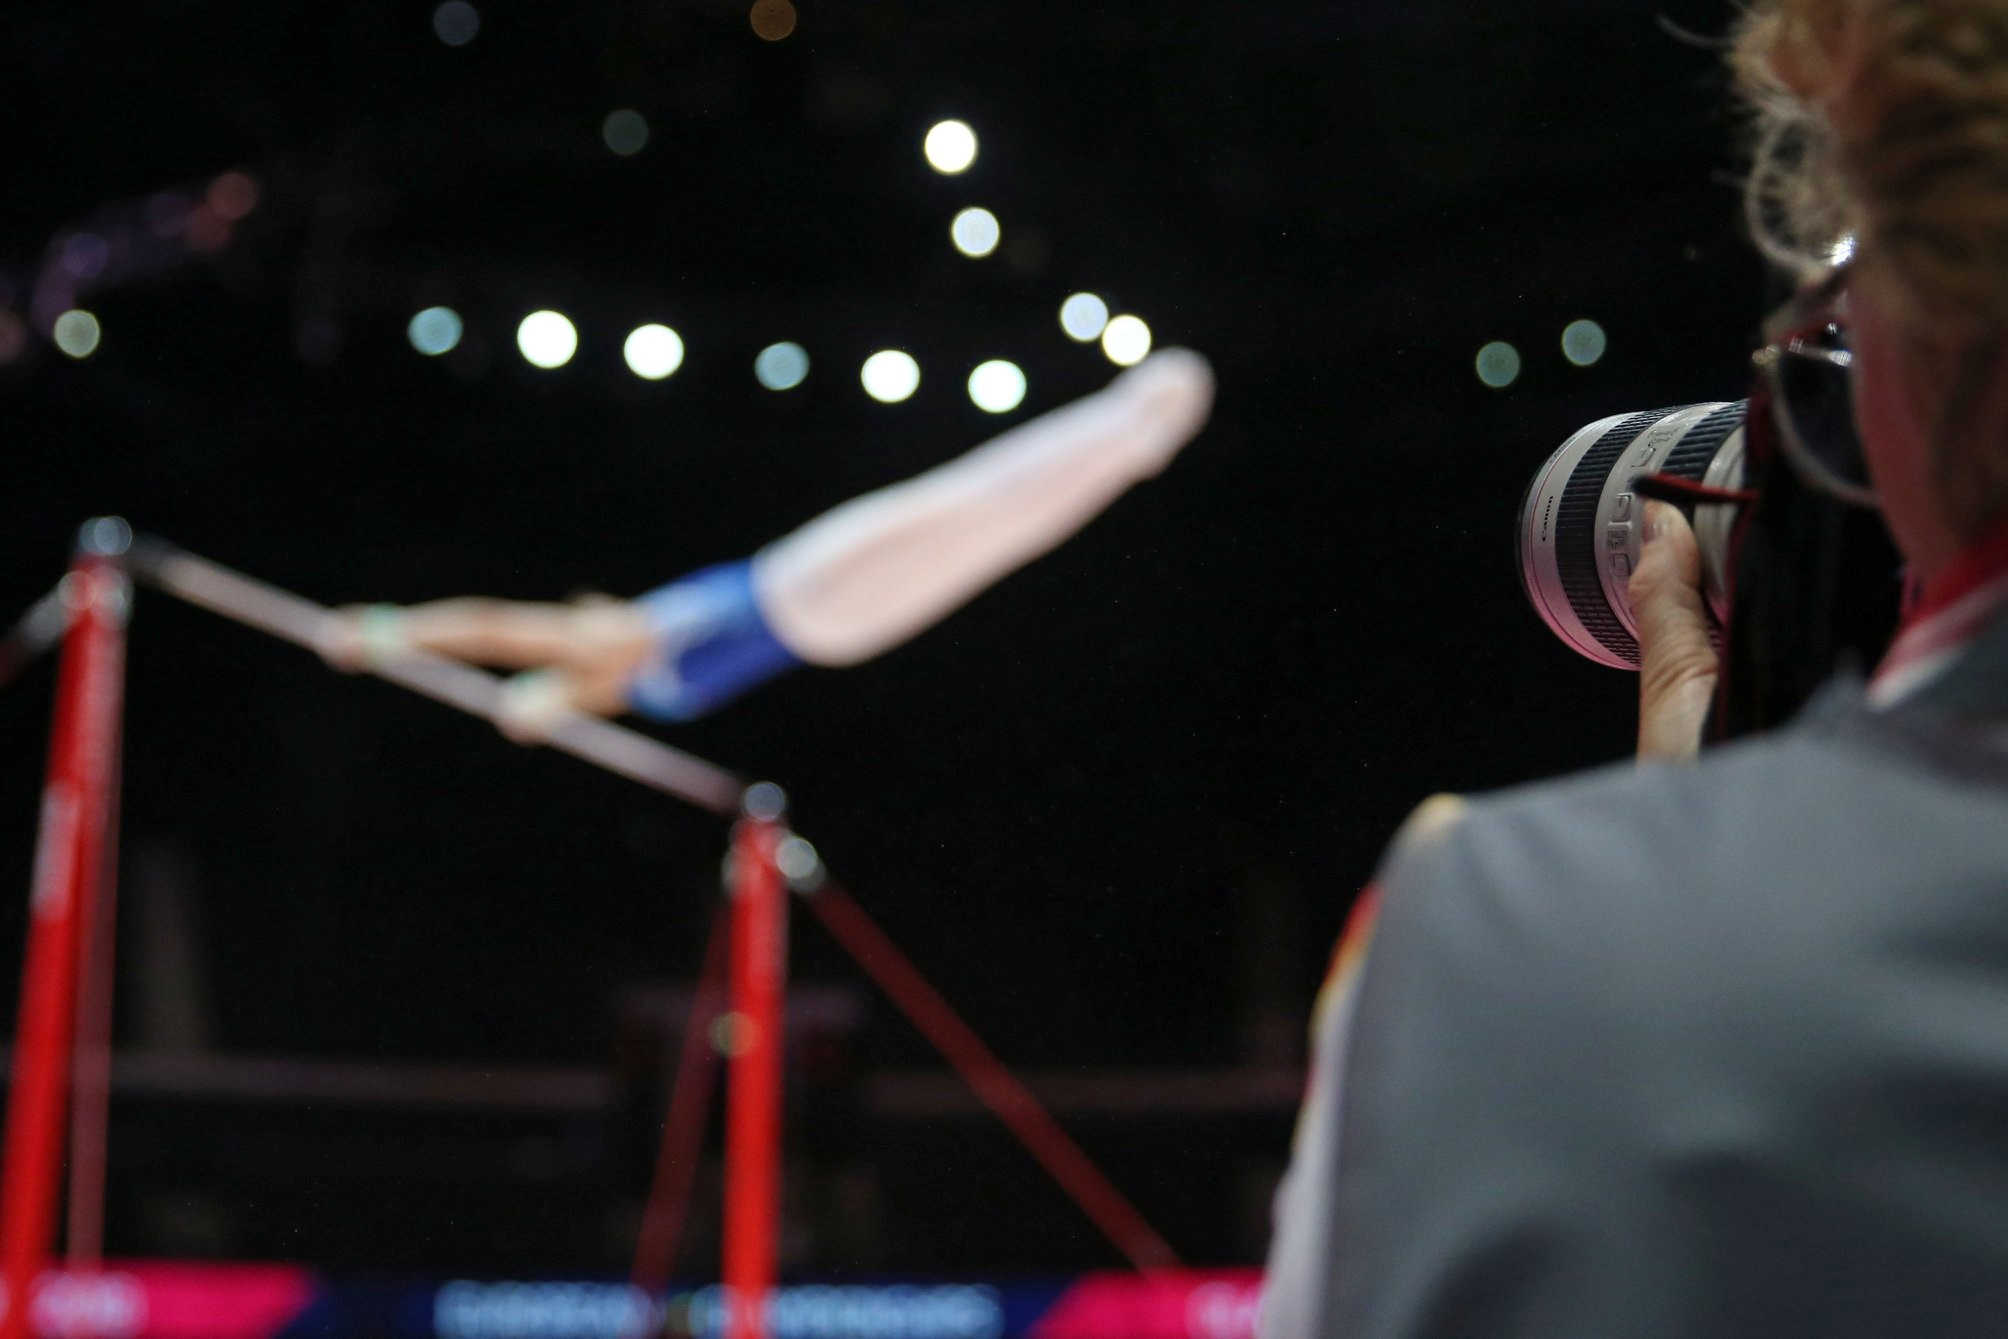 Έτοιμοι για το παγκόσμιο της Ιαπωνίας οι Έλληνες πρωταθλητές της ενόργανης